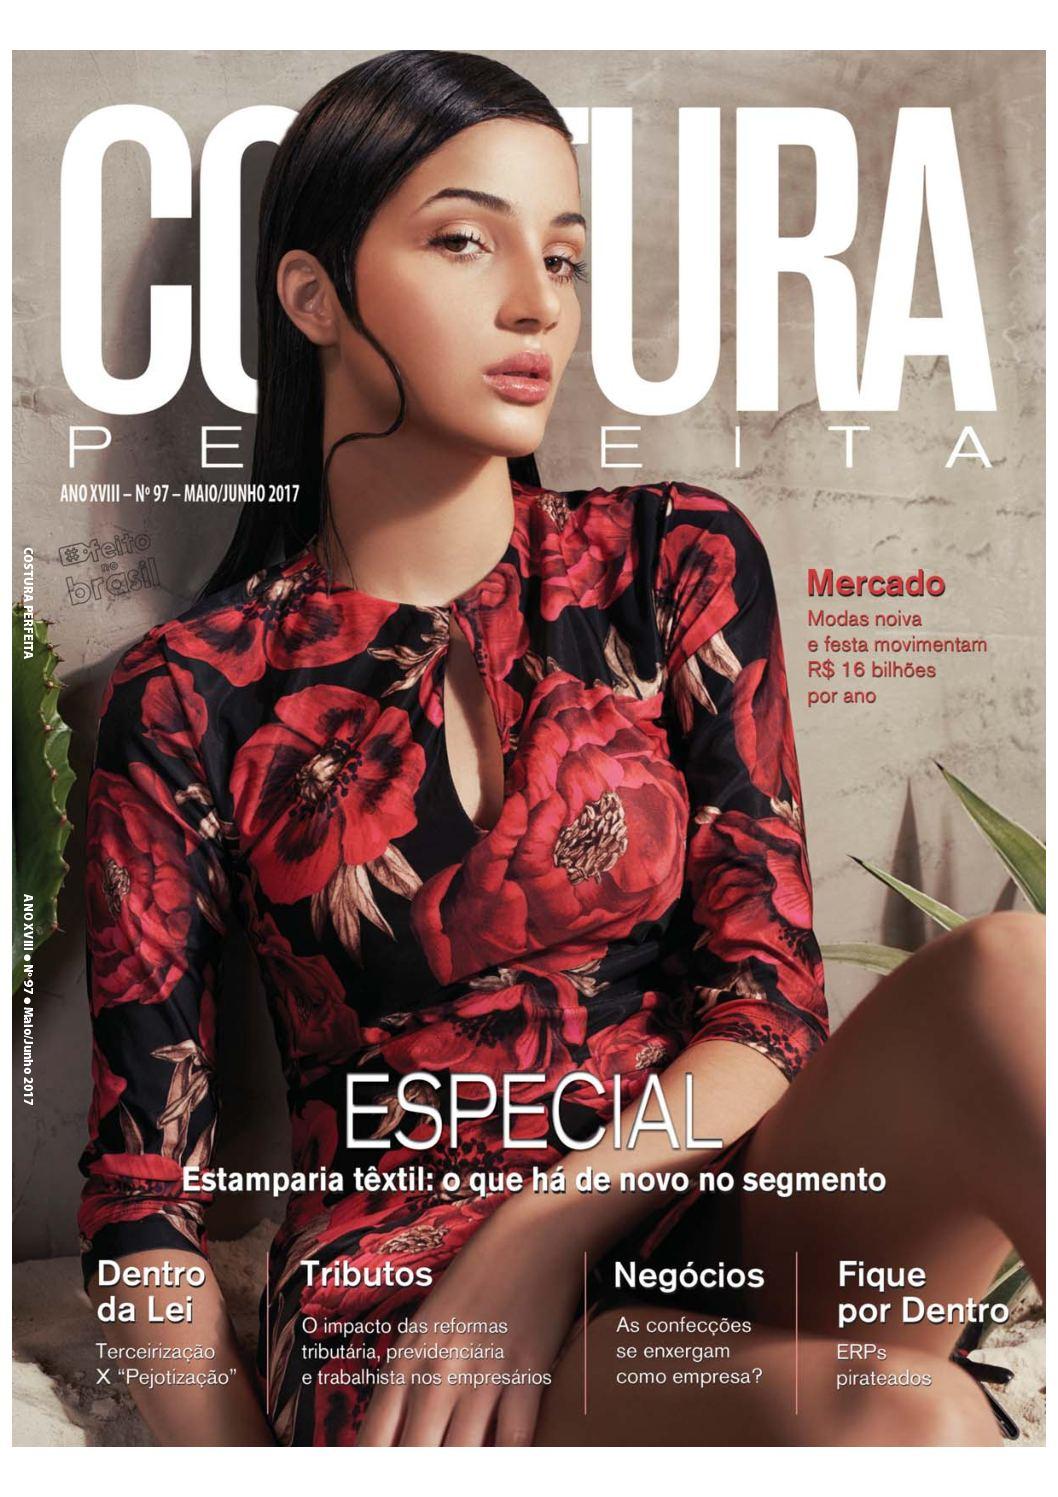 81074aa38 Calaméo - Revista Costura Perfeita Edição Ano XVIII - N97 - Maio - Junho  2017